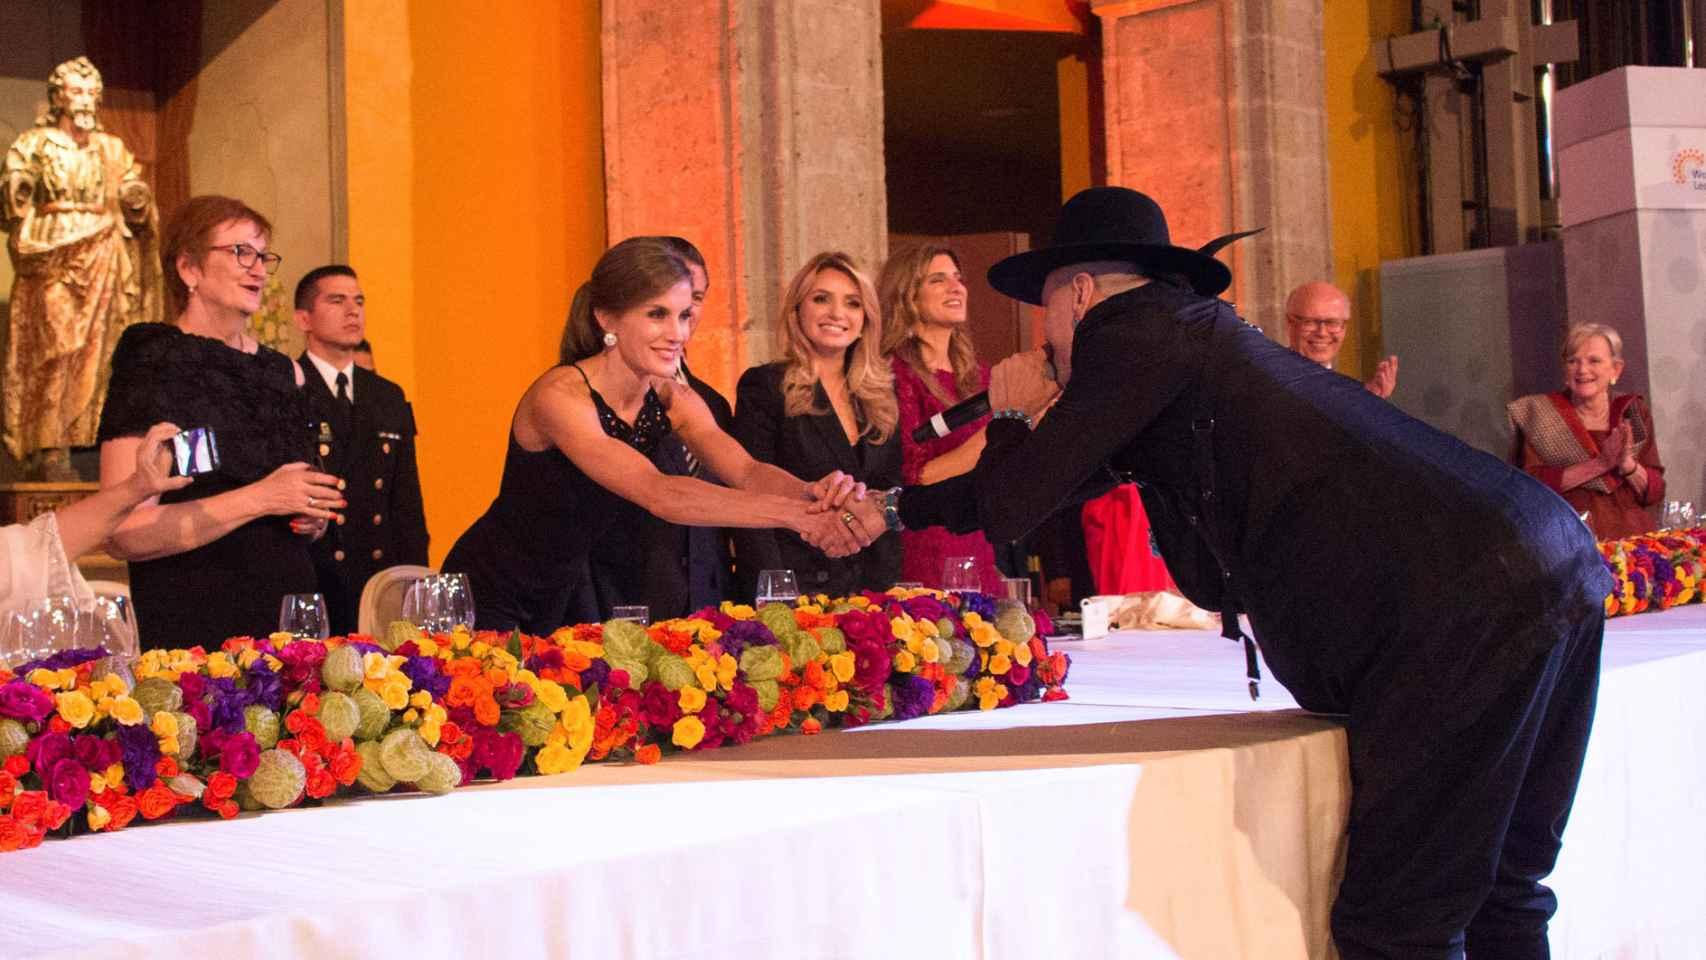 Imágenes de la fiesta a la que asistió la reina Letizia en México